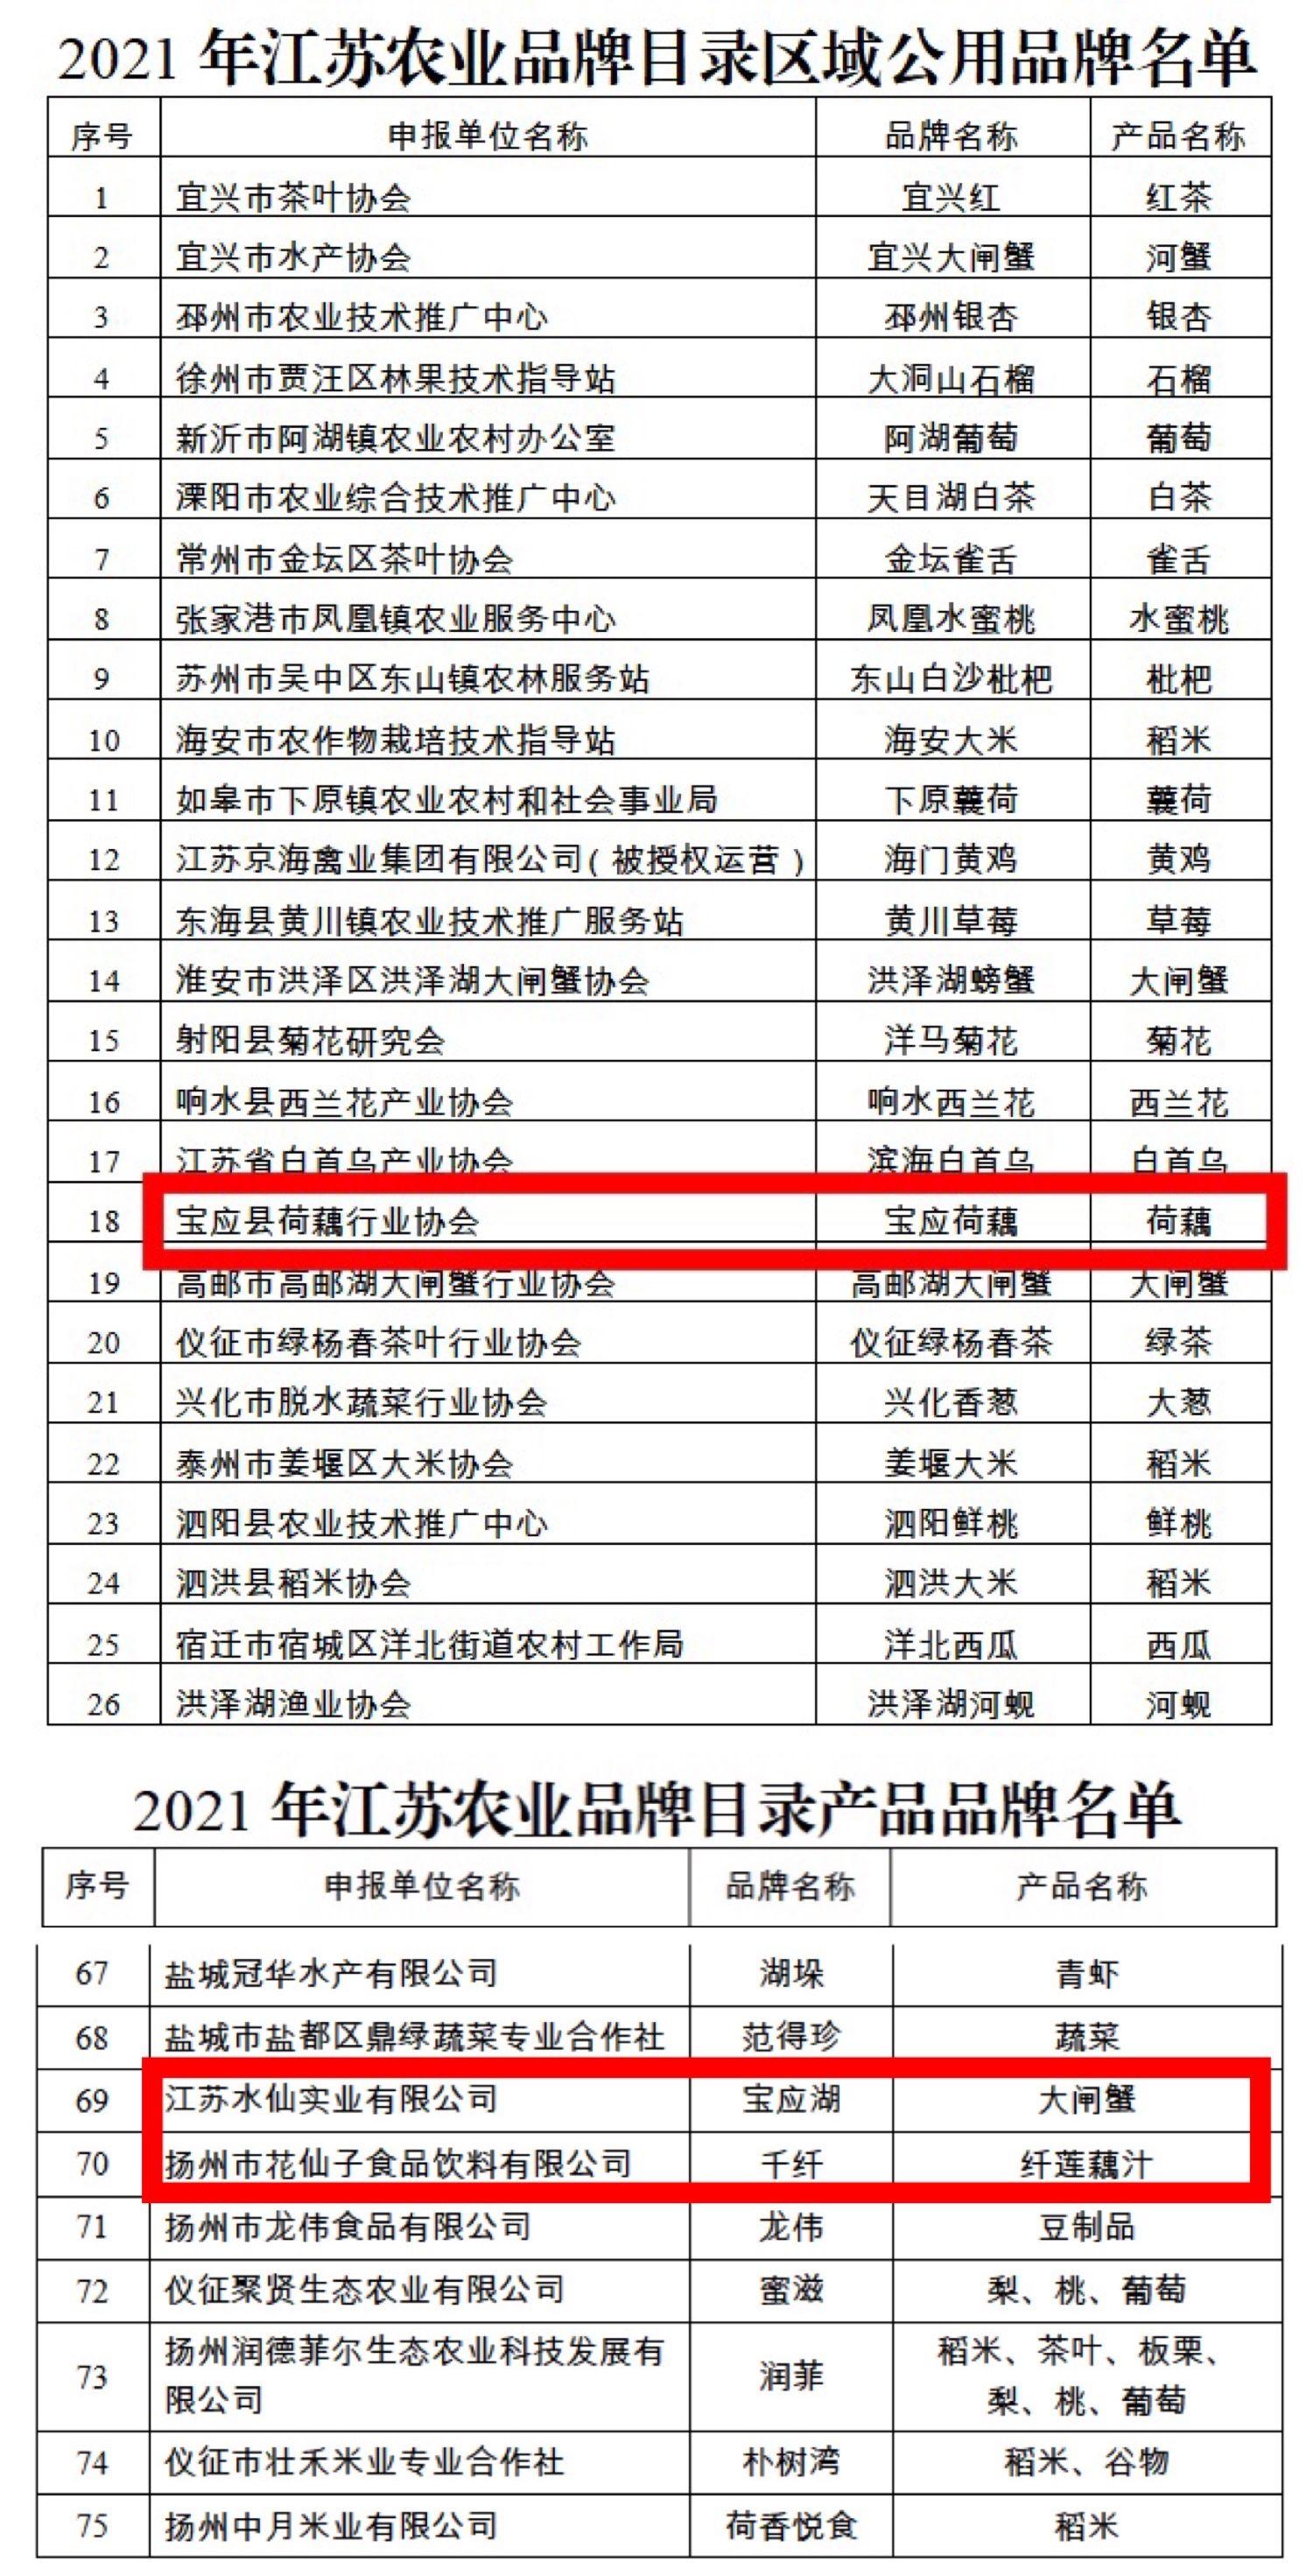 """宝应县""""宝应荷藕""""等3个品牌入选省级农业品牌目录"""